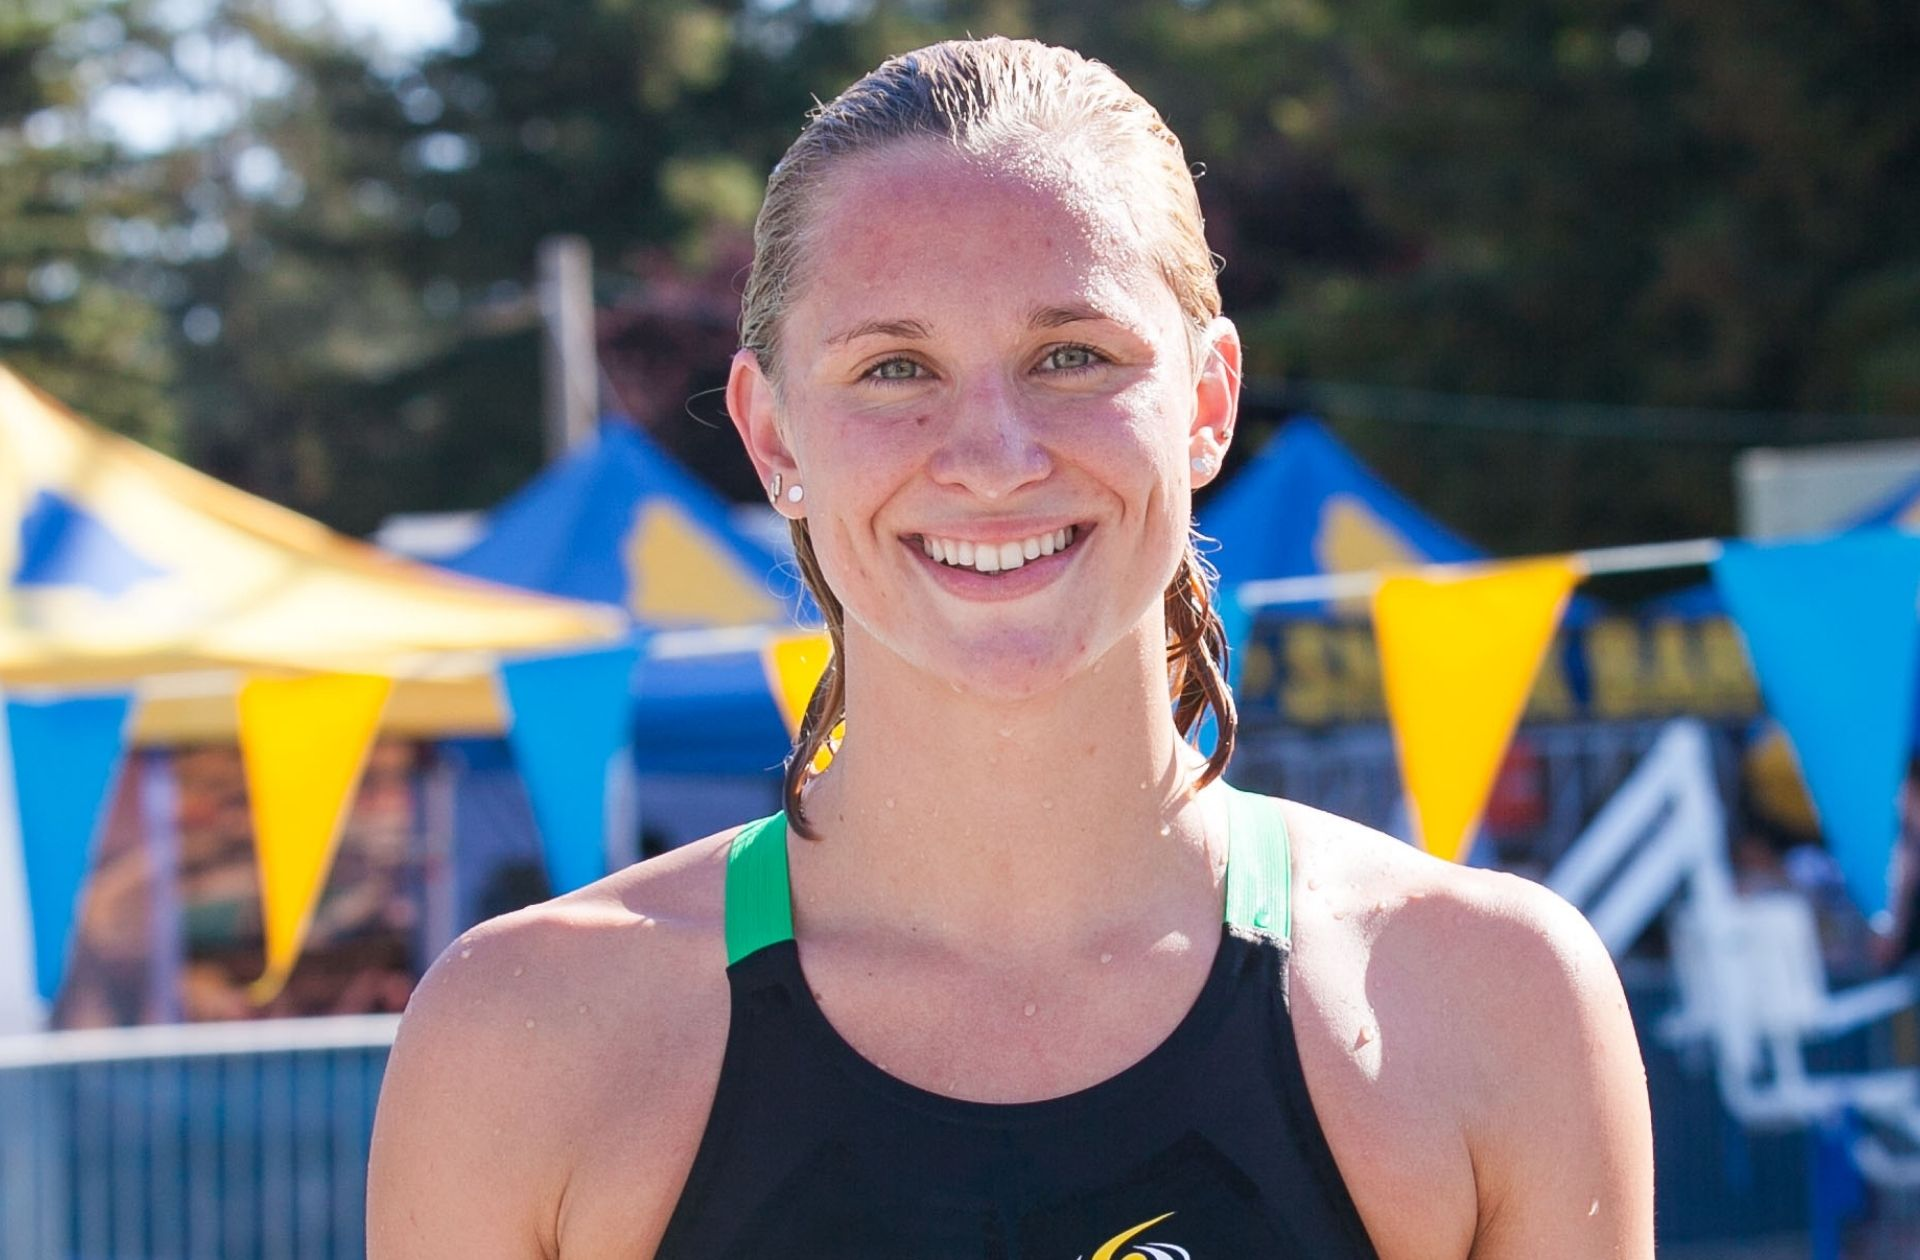 «Que ce soit une leçon pour les pervers» : la championne Maddie Groves claque la porte des JO